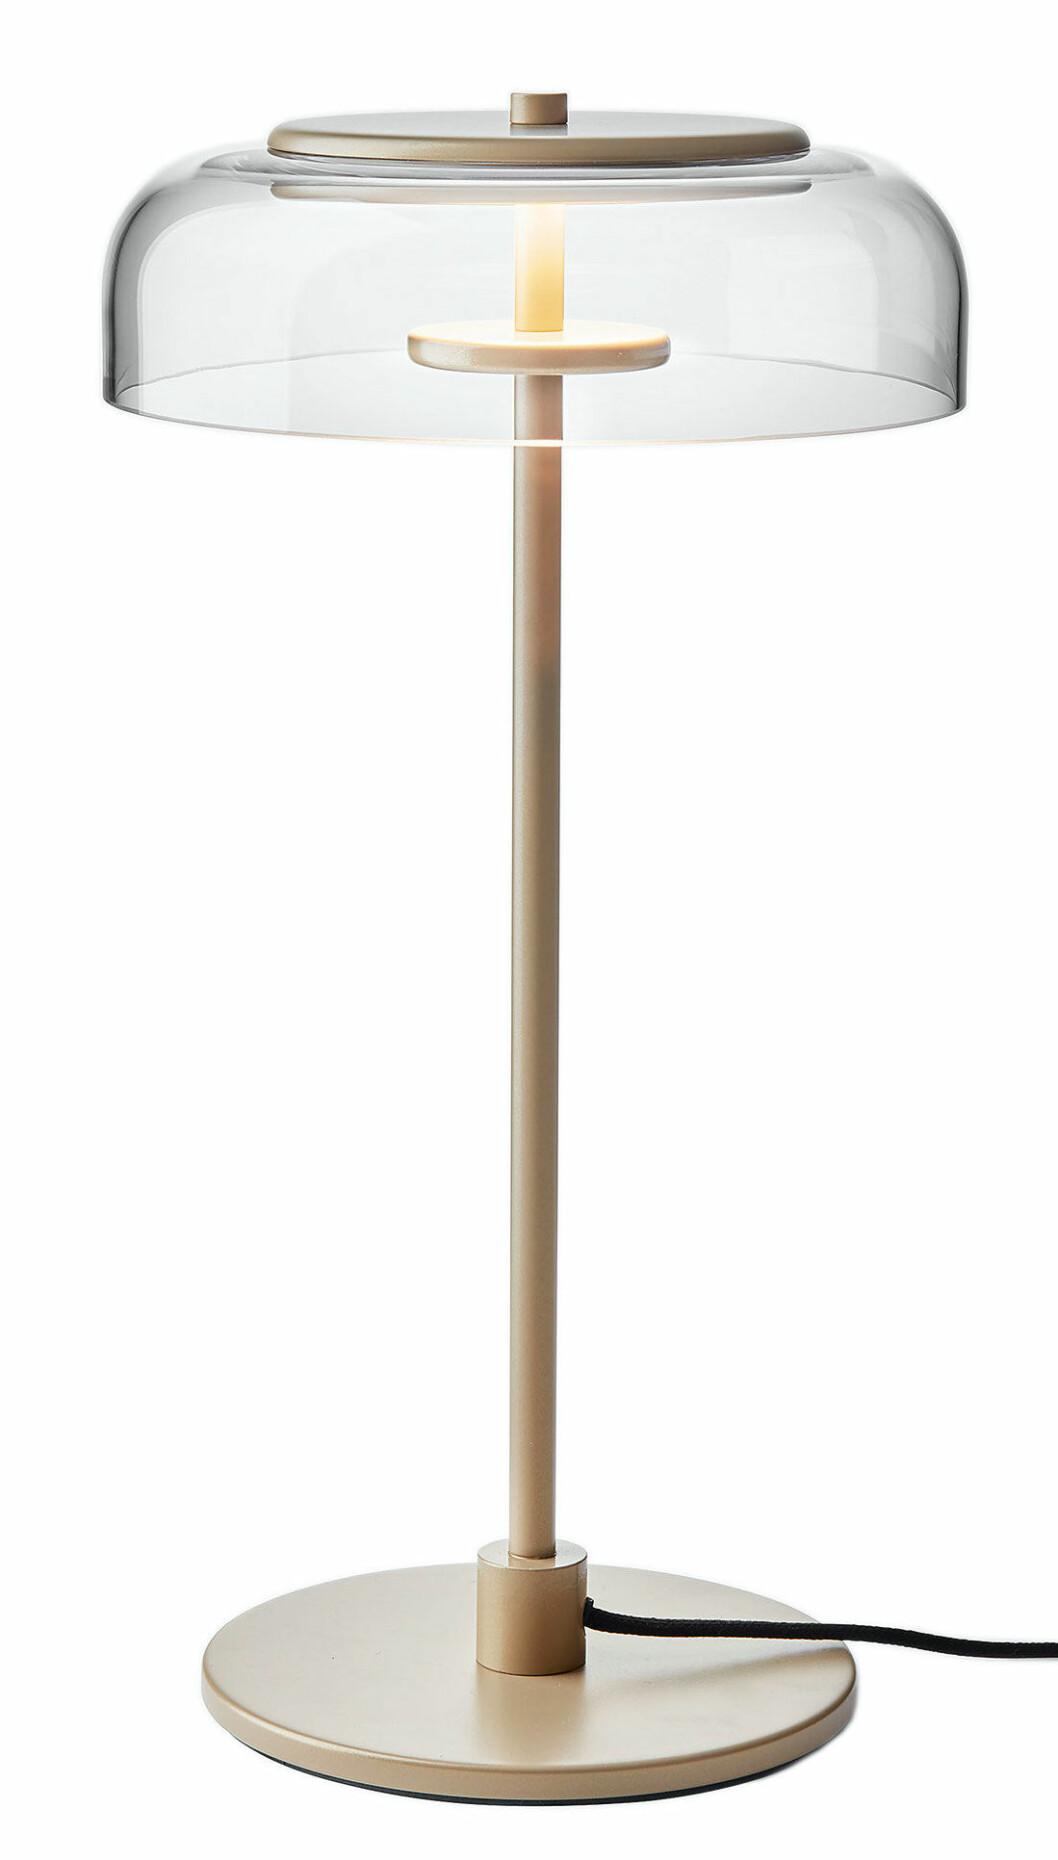 En stilfull bordslampa från Nuura